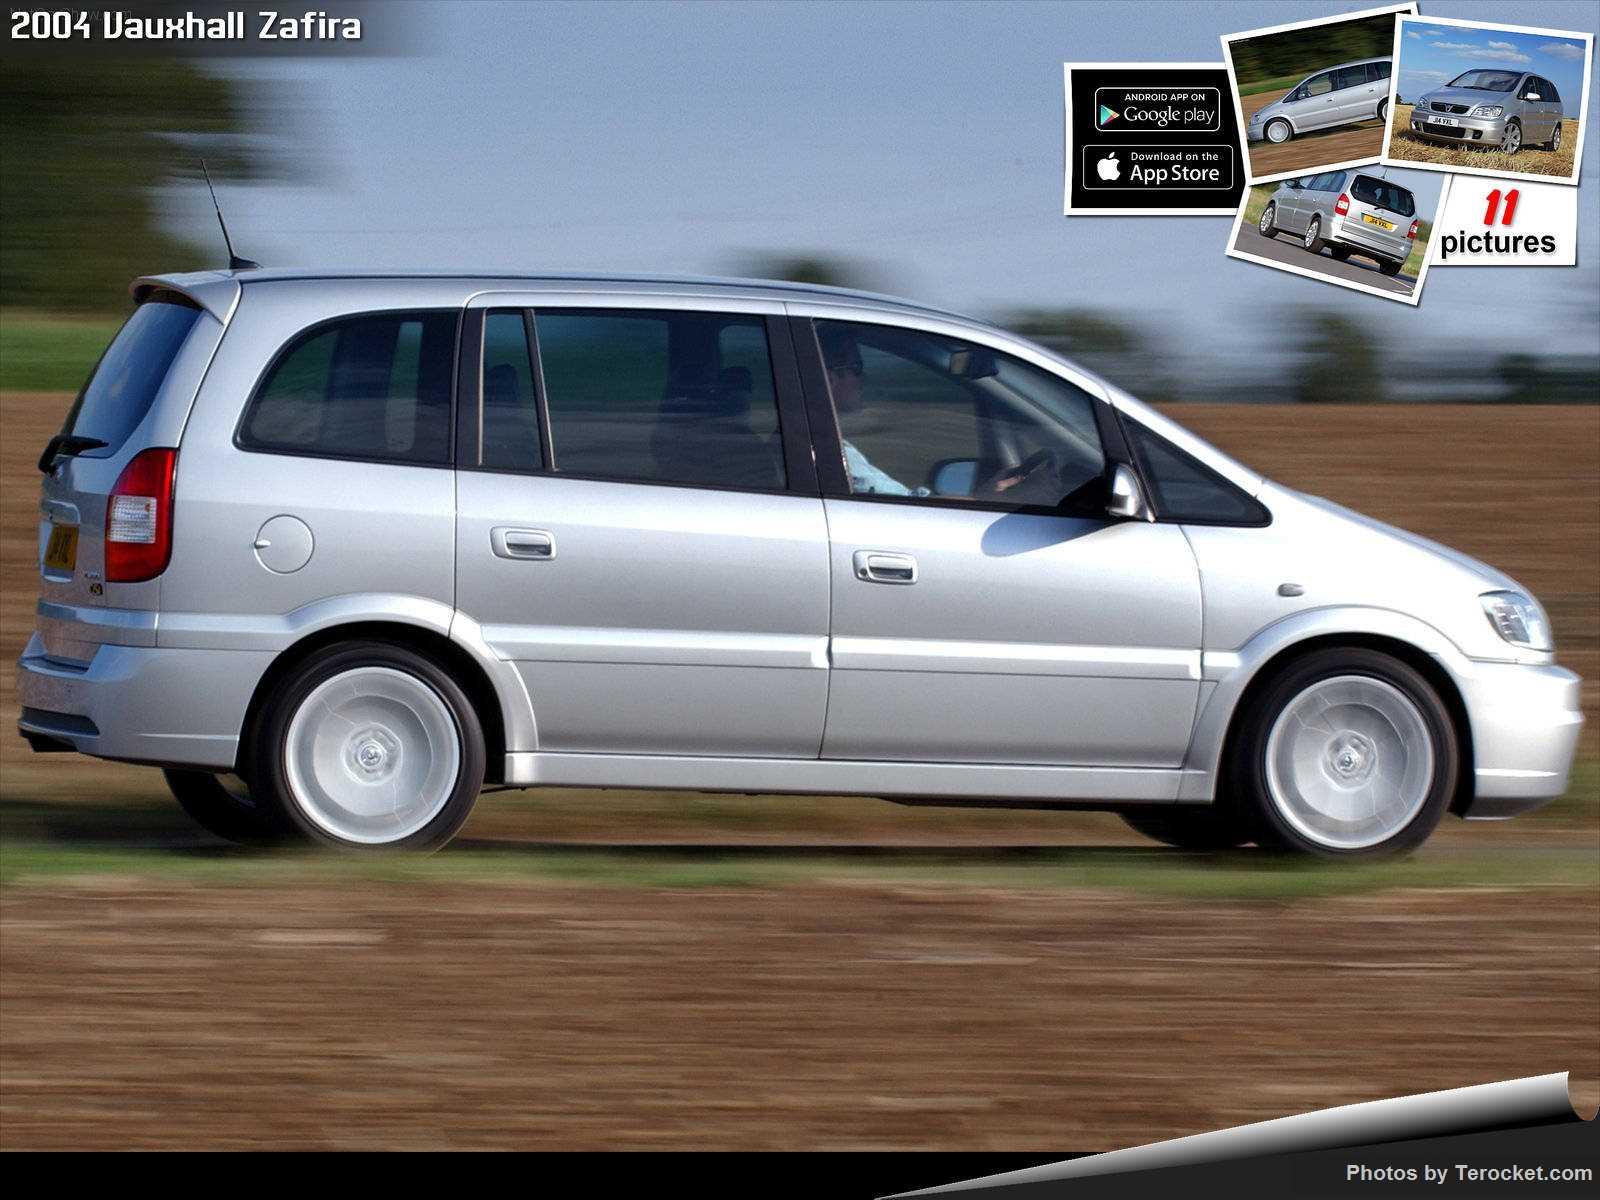 Hình ảnh xe ô tô Vauxhall Zafira 2004 & nội ngoại thất